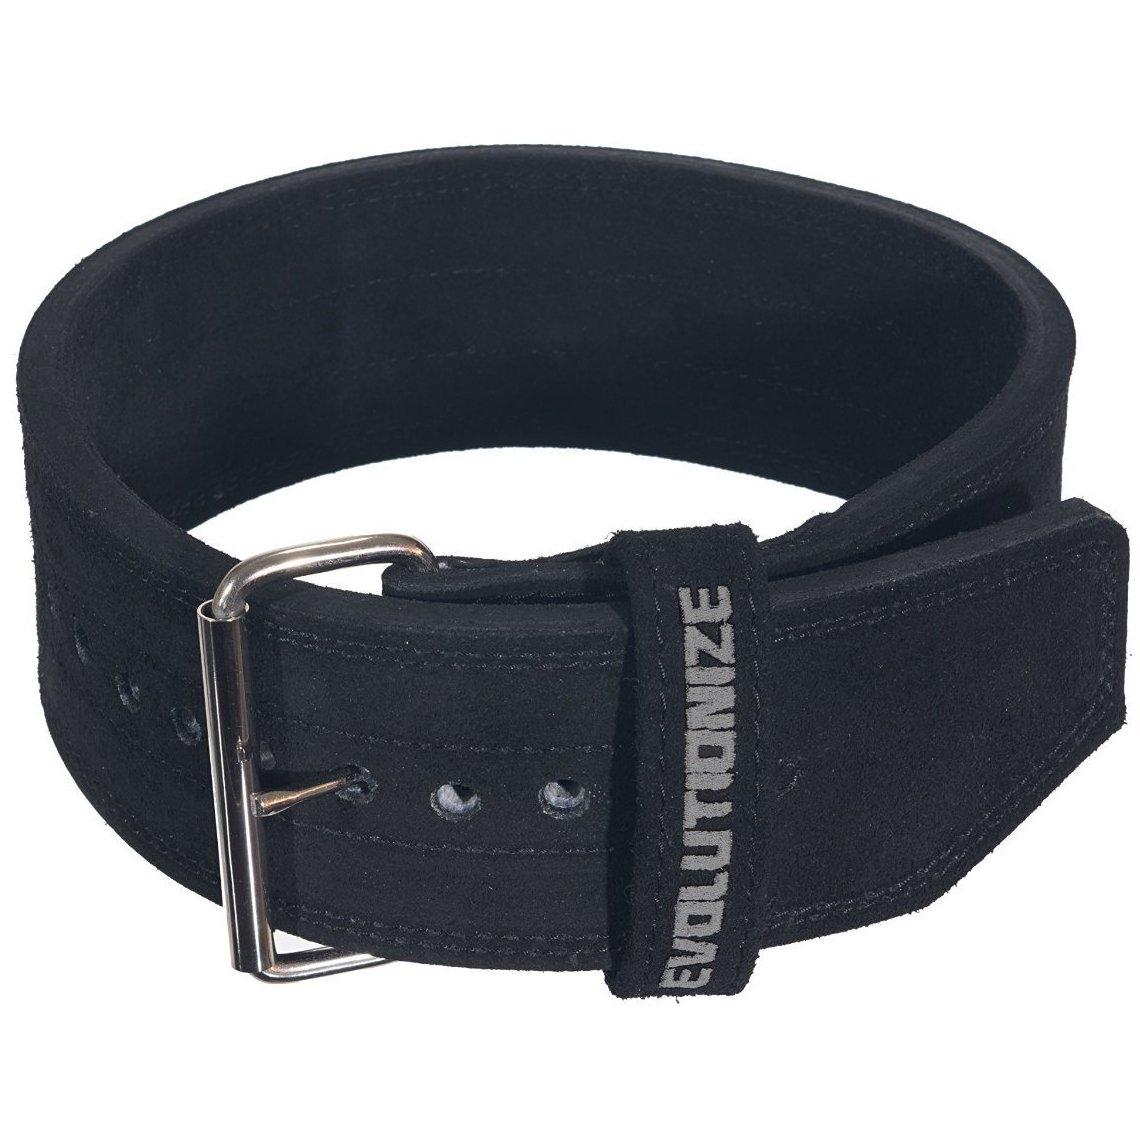 LIFT belt